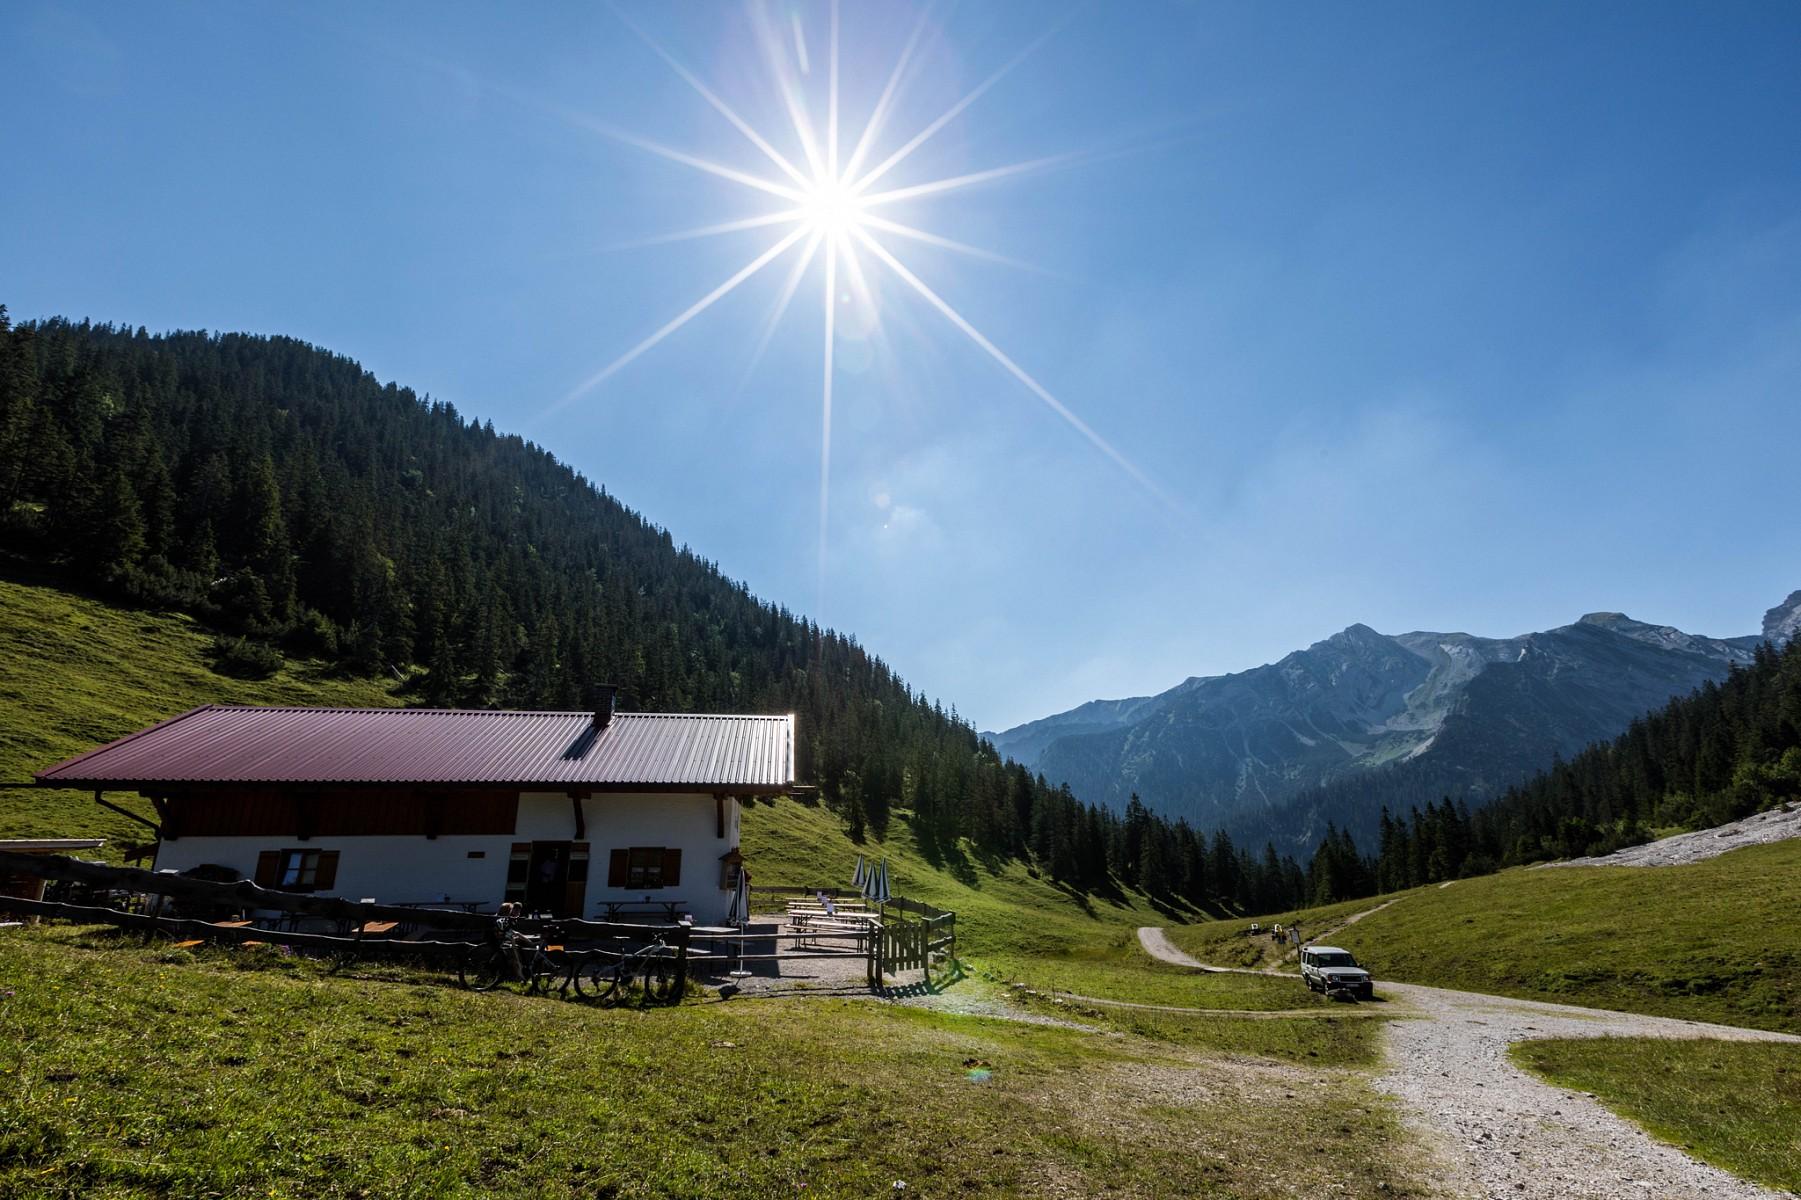 pRuhe-und-Entspannung-finden-wir-inmitten-der-Berge-auf-der-Fischbachalm-suumldlich-des-Walchenseesp